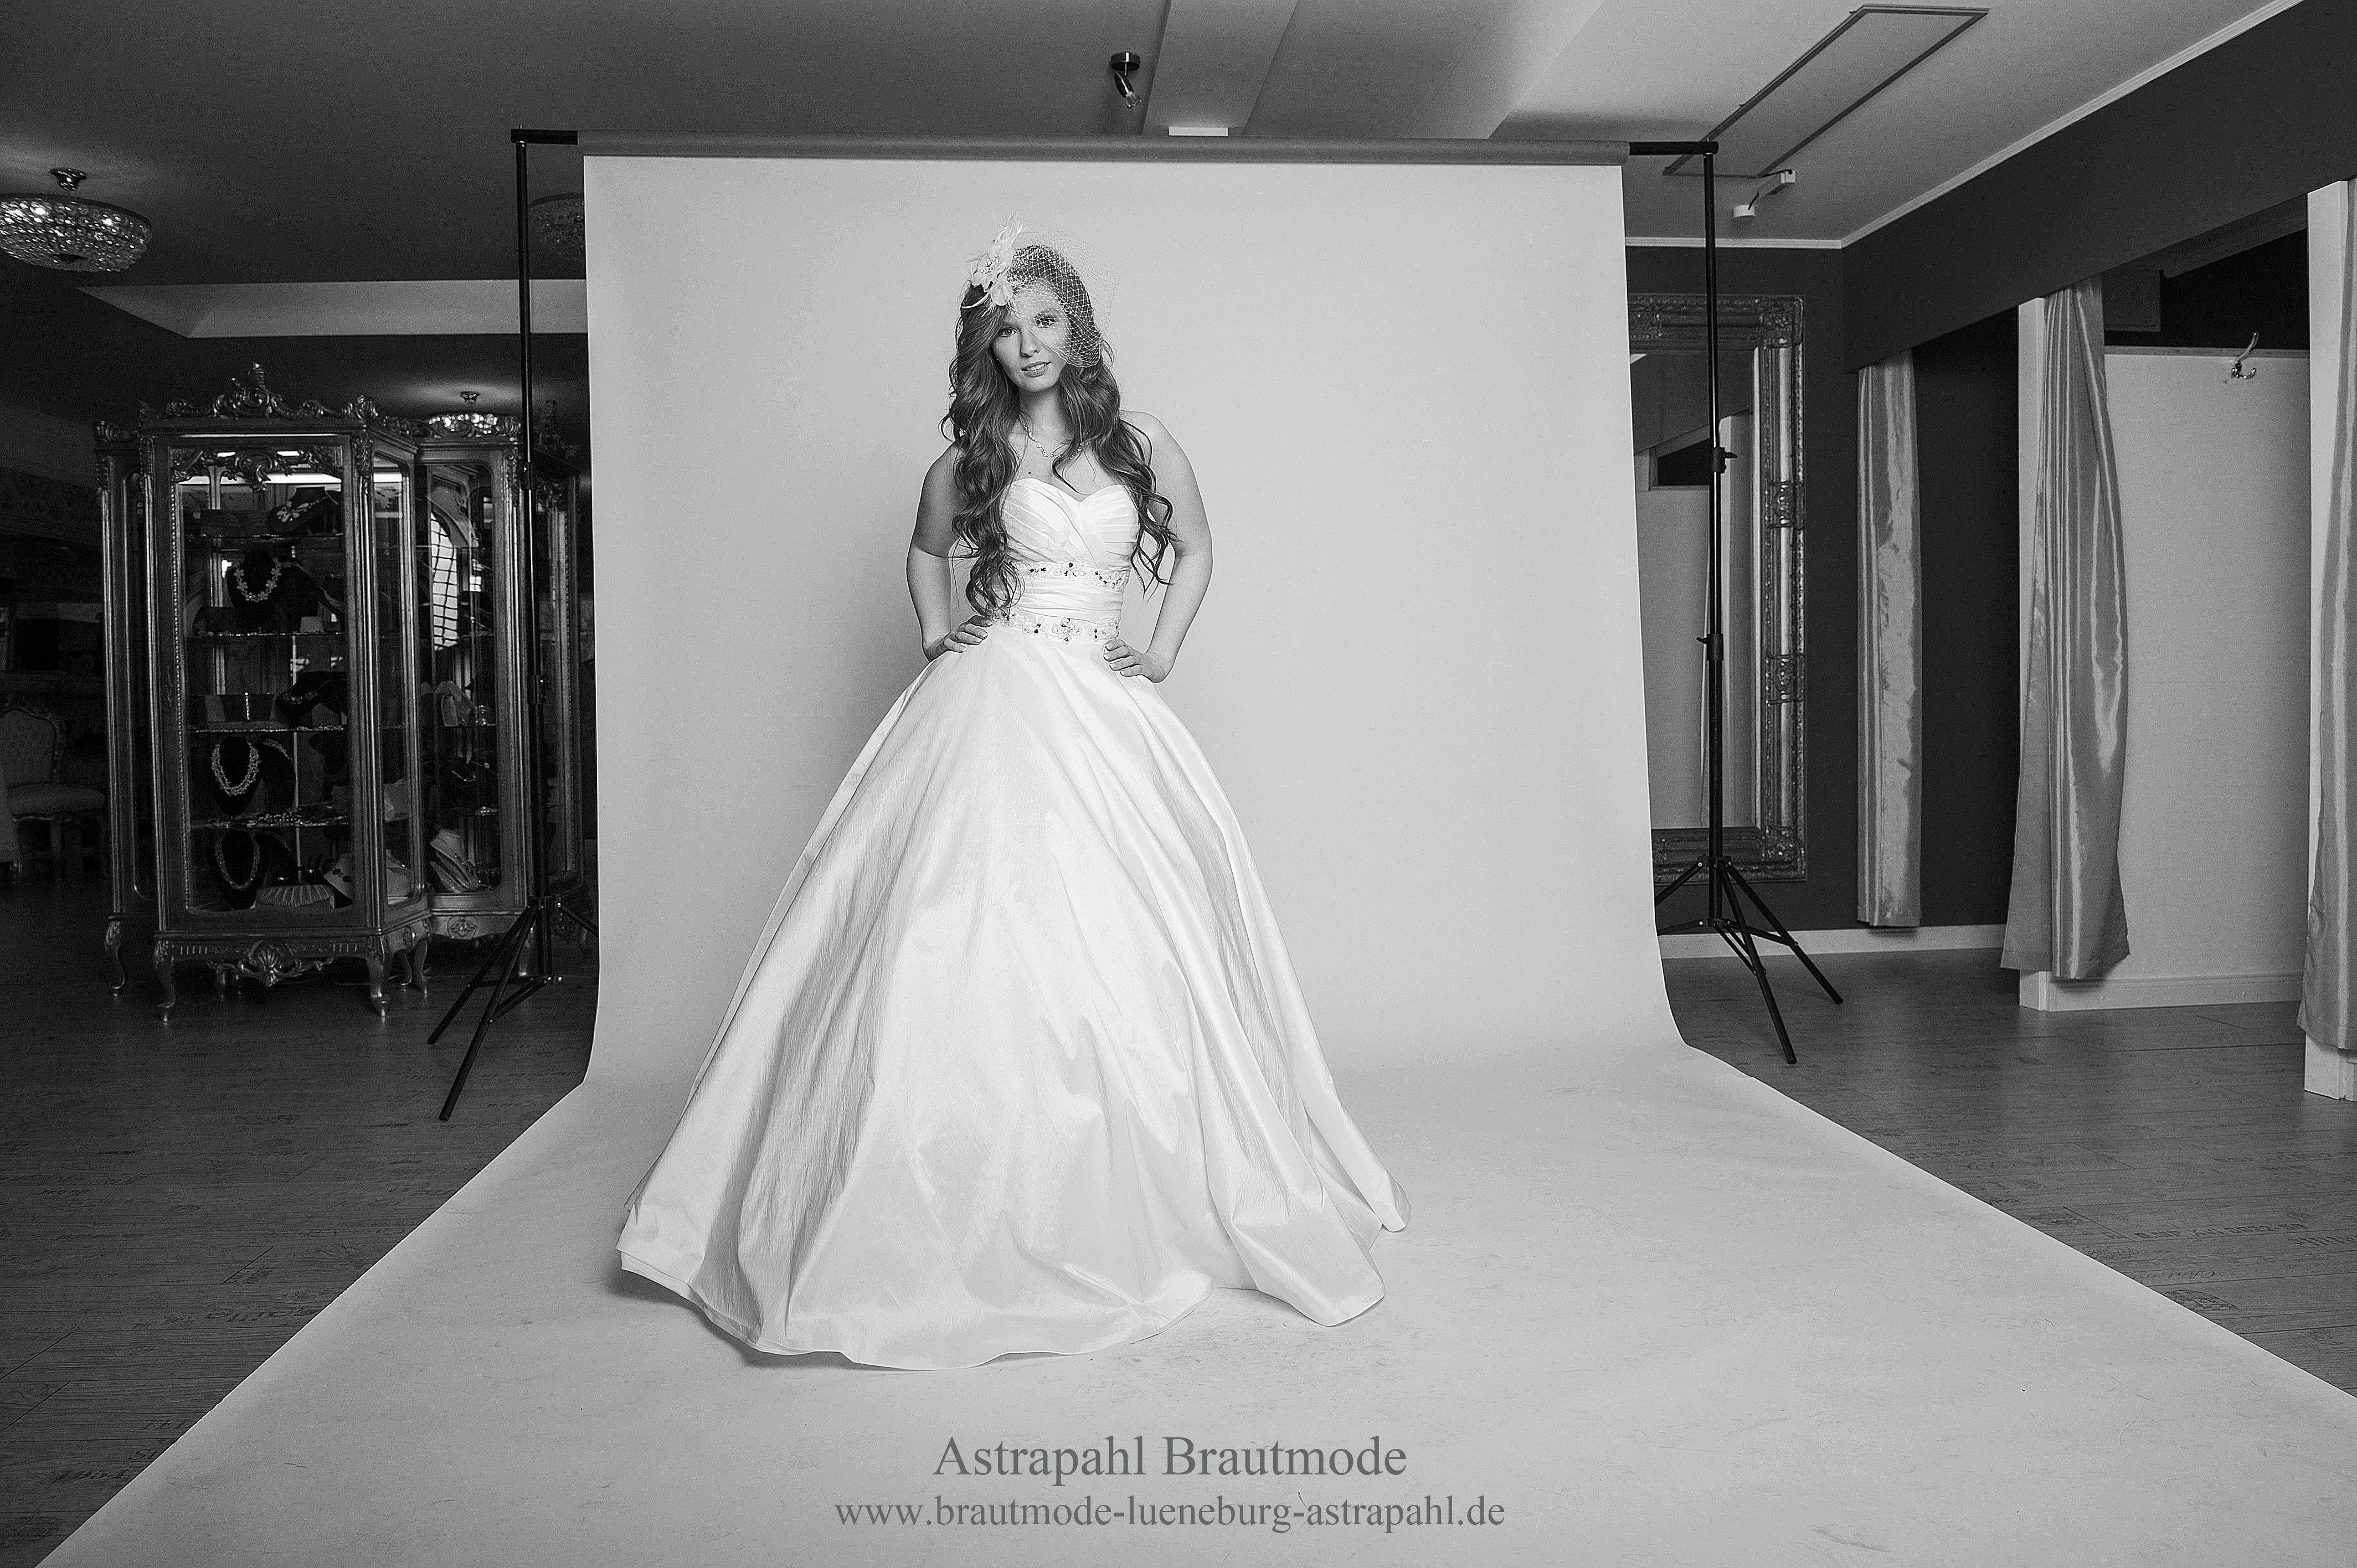 Bild Nr 3 am Set in Astrapahl Boutique